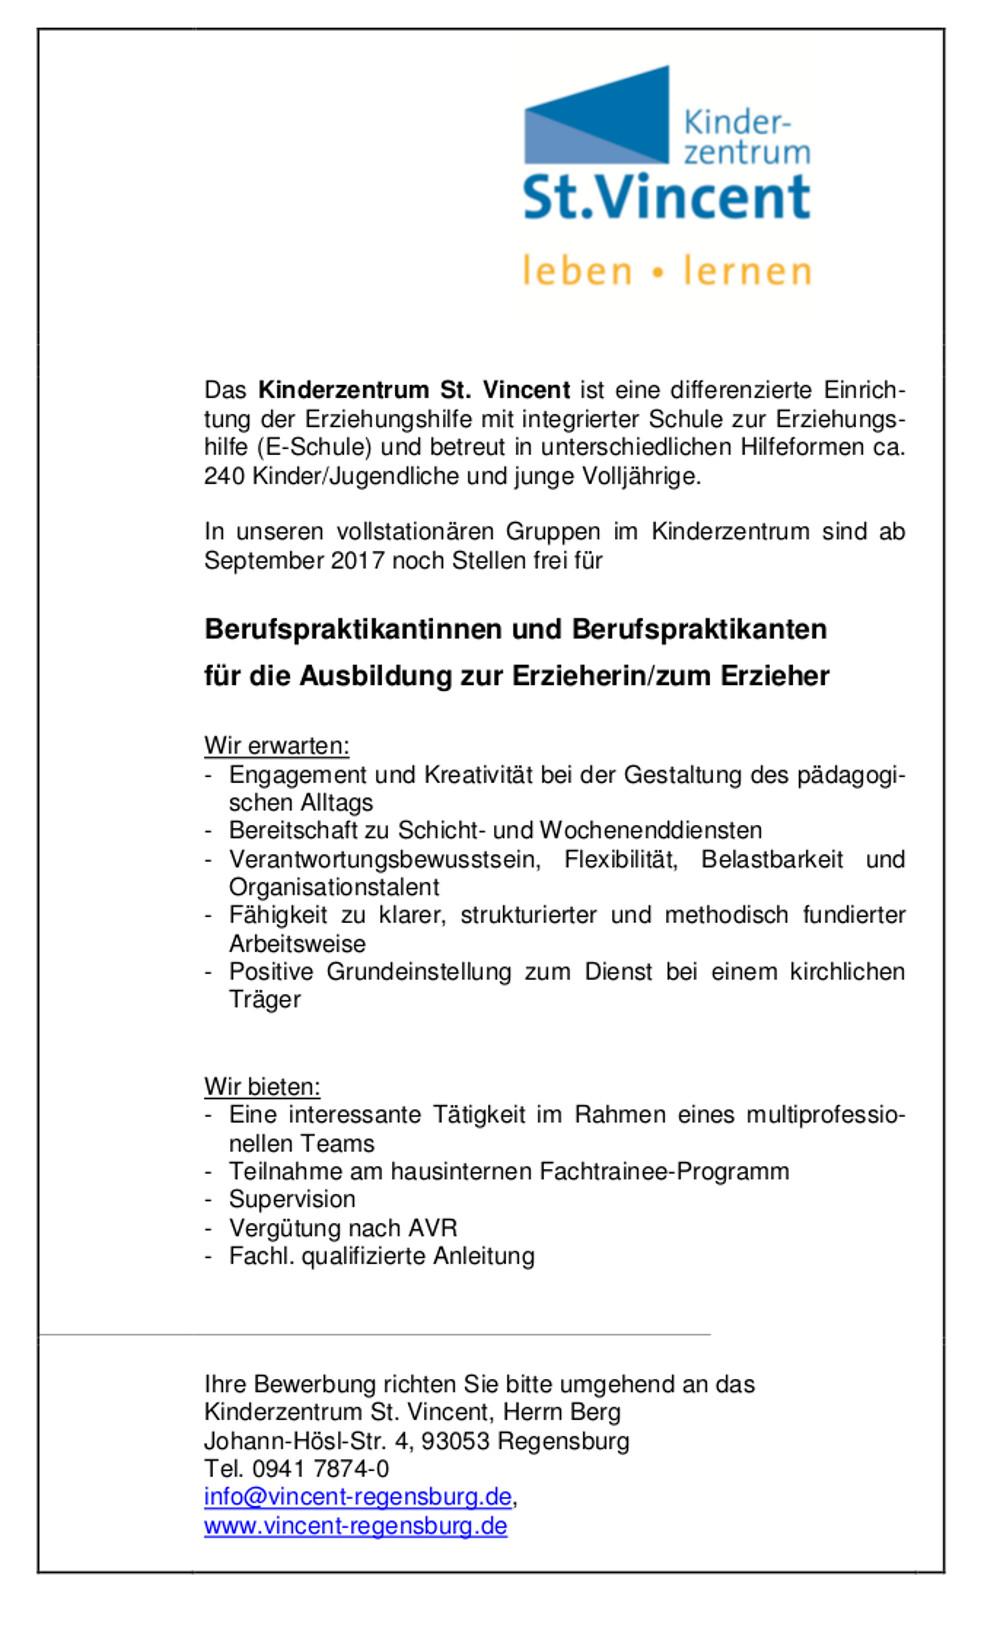 Regensburg - Fachakademie für Sozialpädagogik Ahornberg